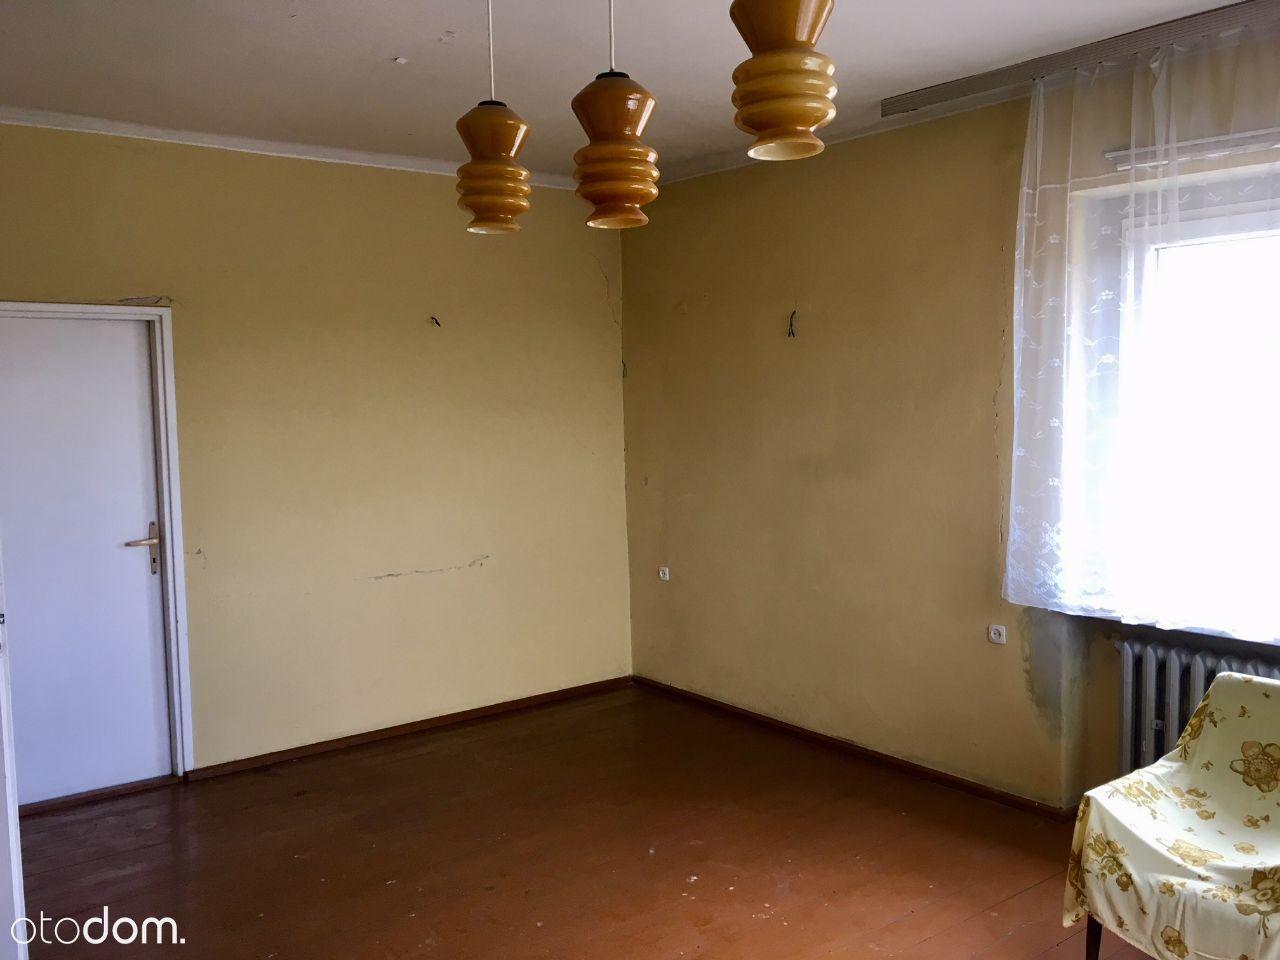 Dom na sprzedaż, Lubliniec, lubliniecki, śląskie - Foto 3